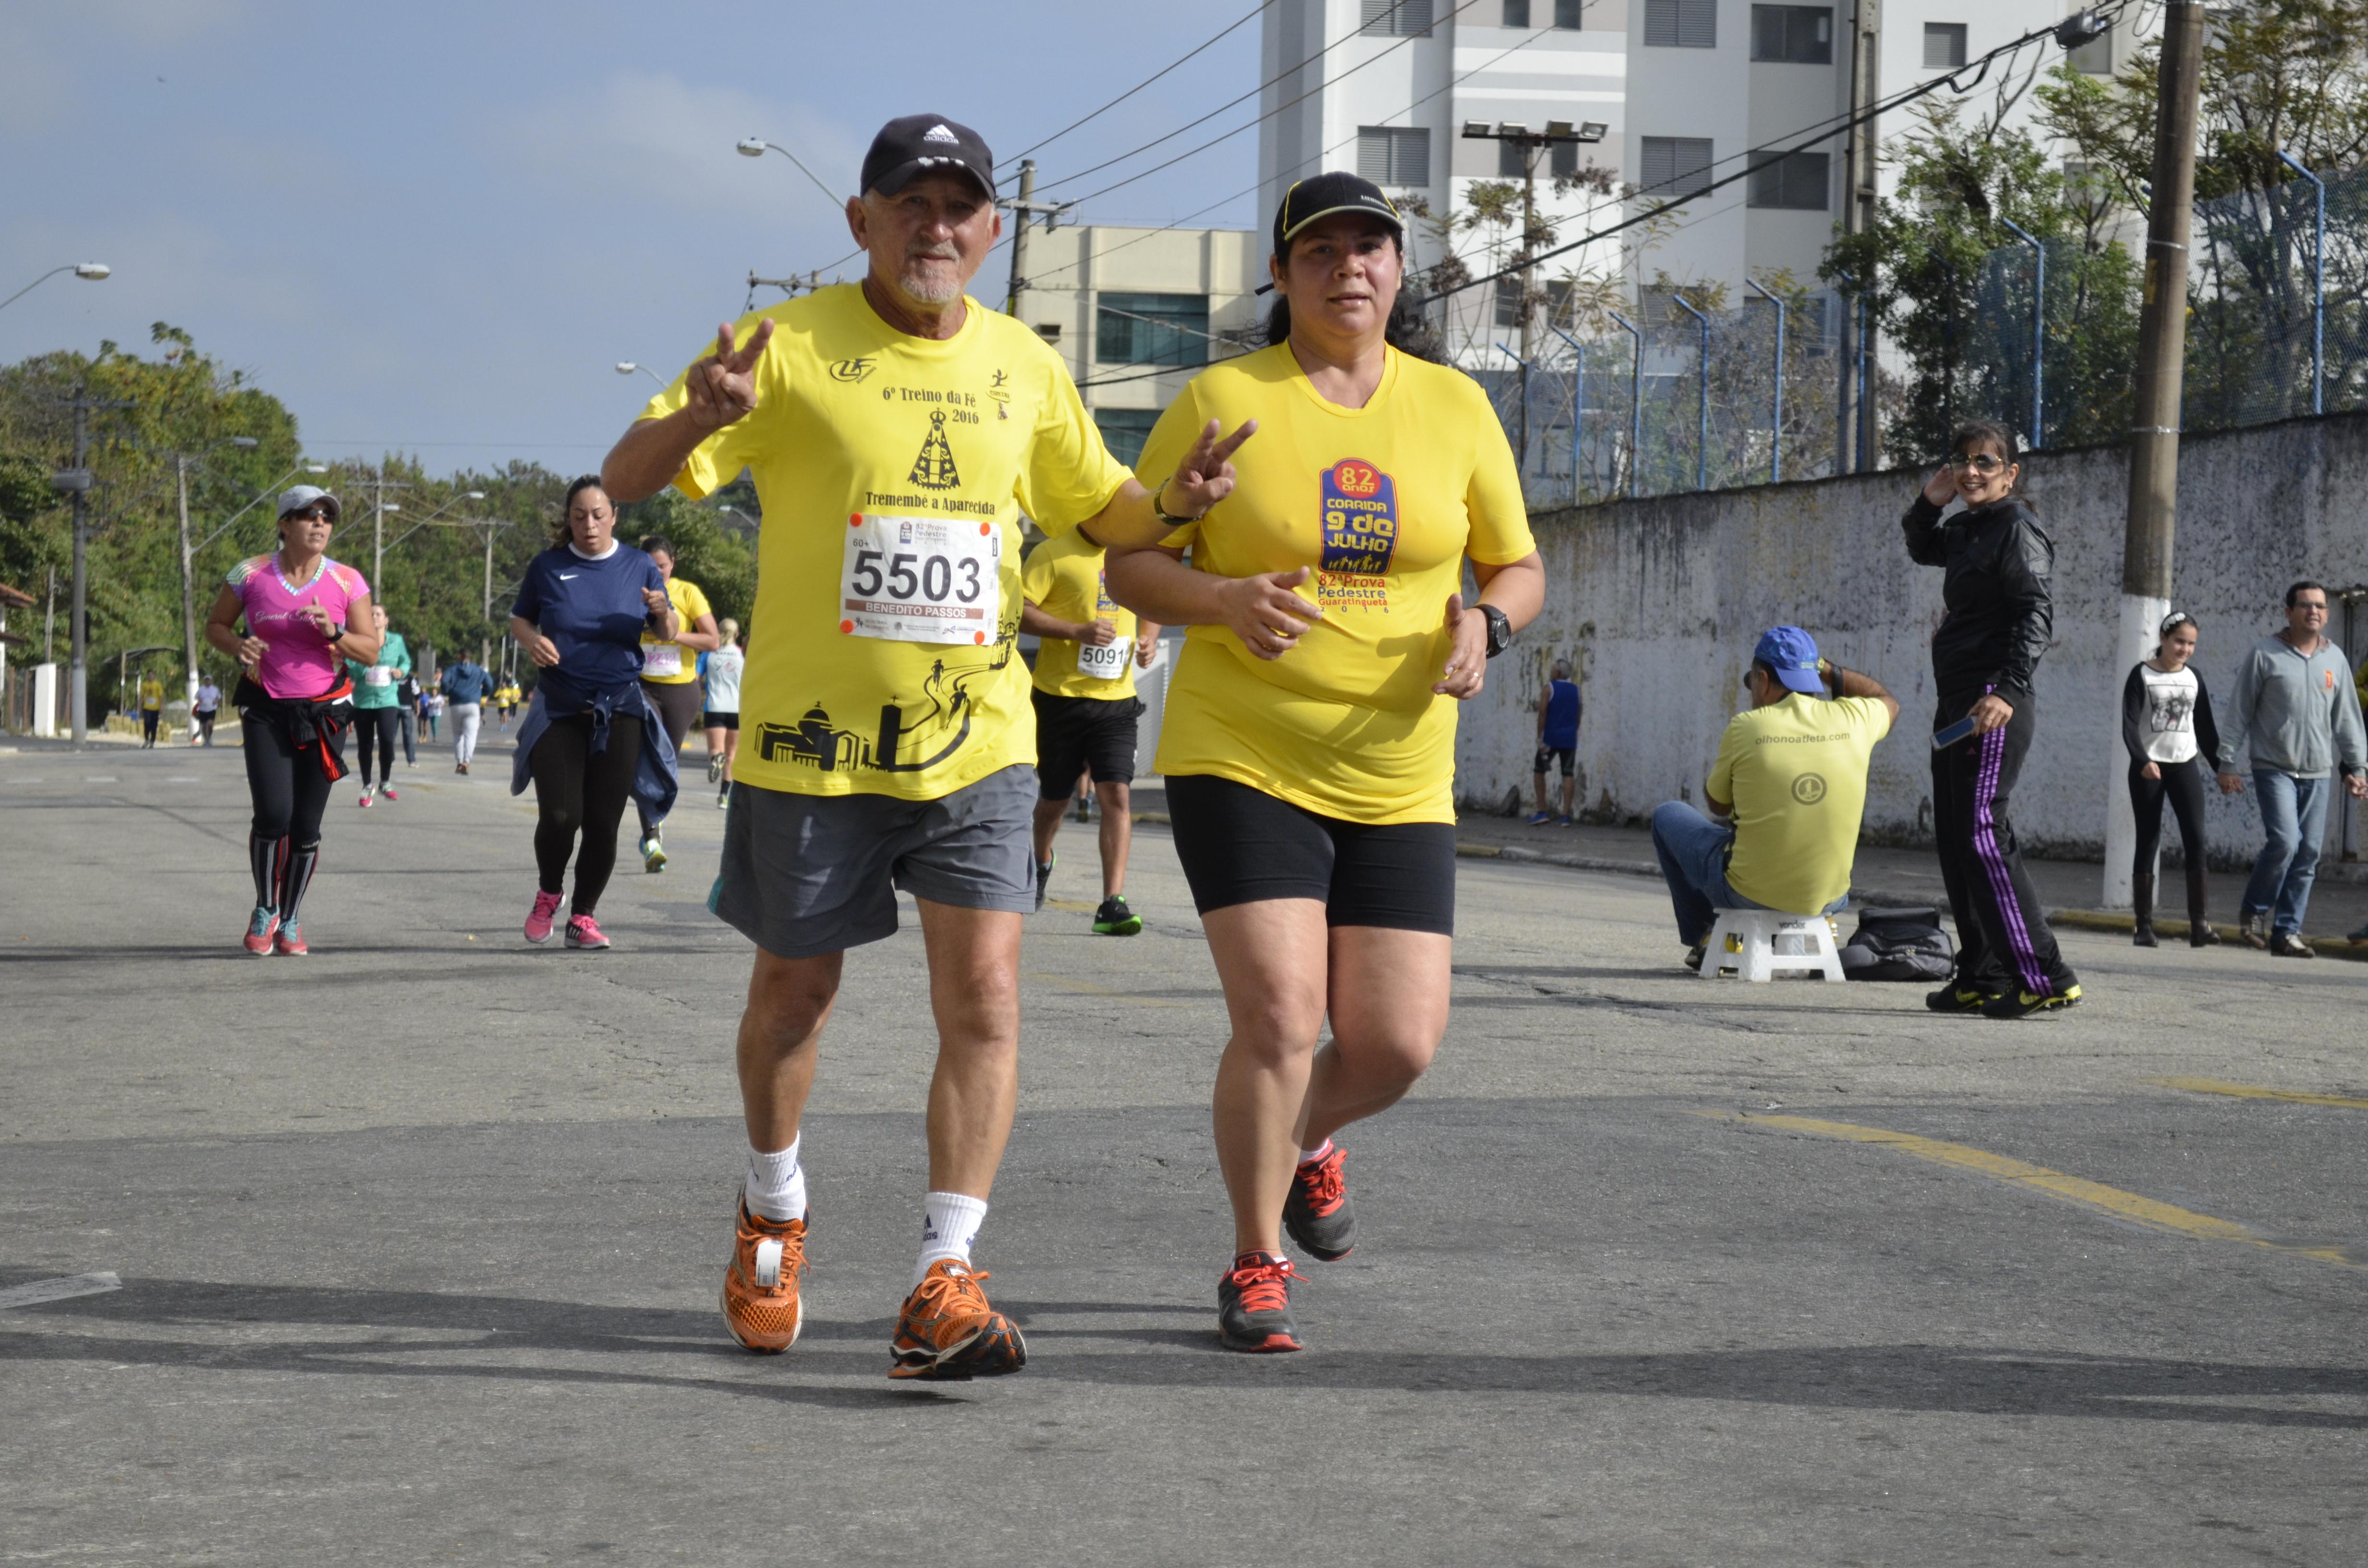 Acompanhado de corredora, Passinho enfrenta os dez quilômetros da Corrida 9 de Julho no último sábado, em Guaratinguetá (Foto: Leandro Oliveira)